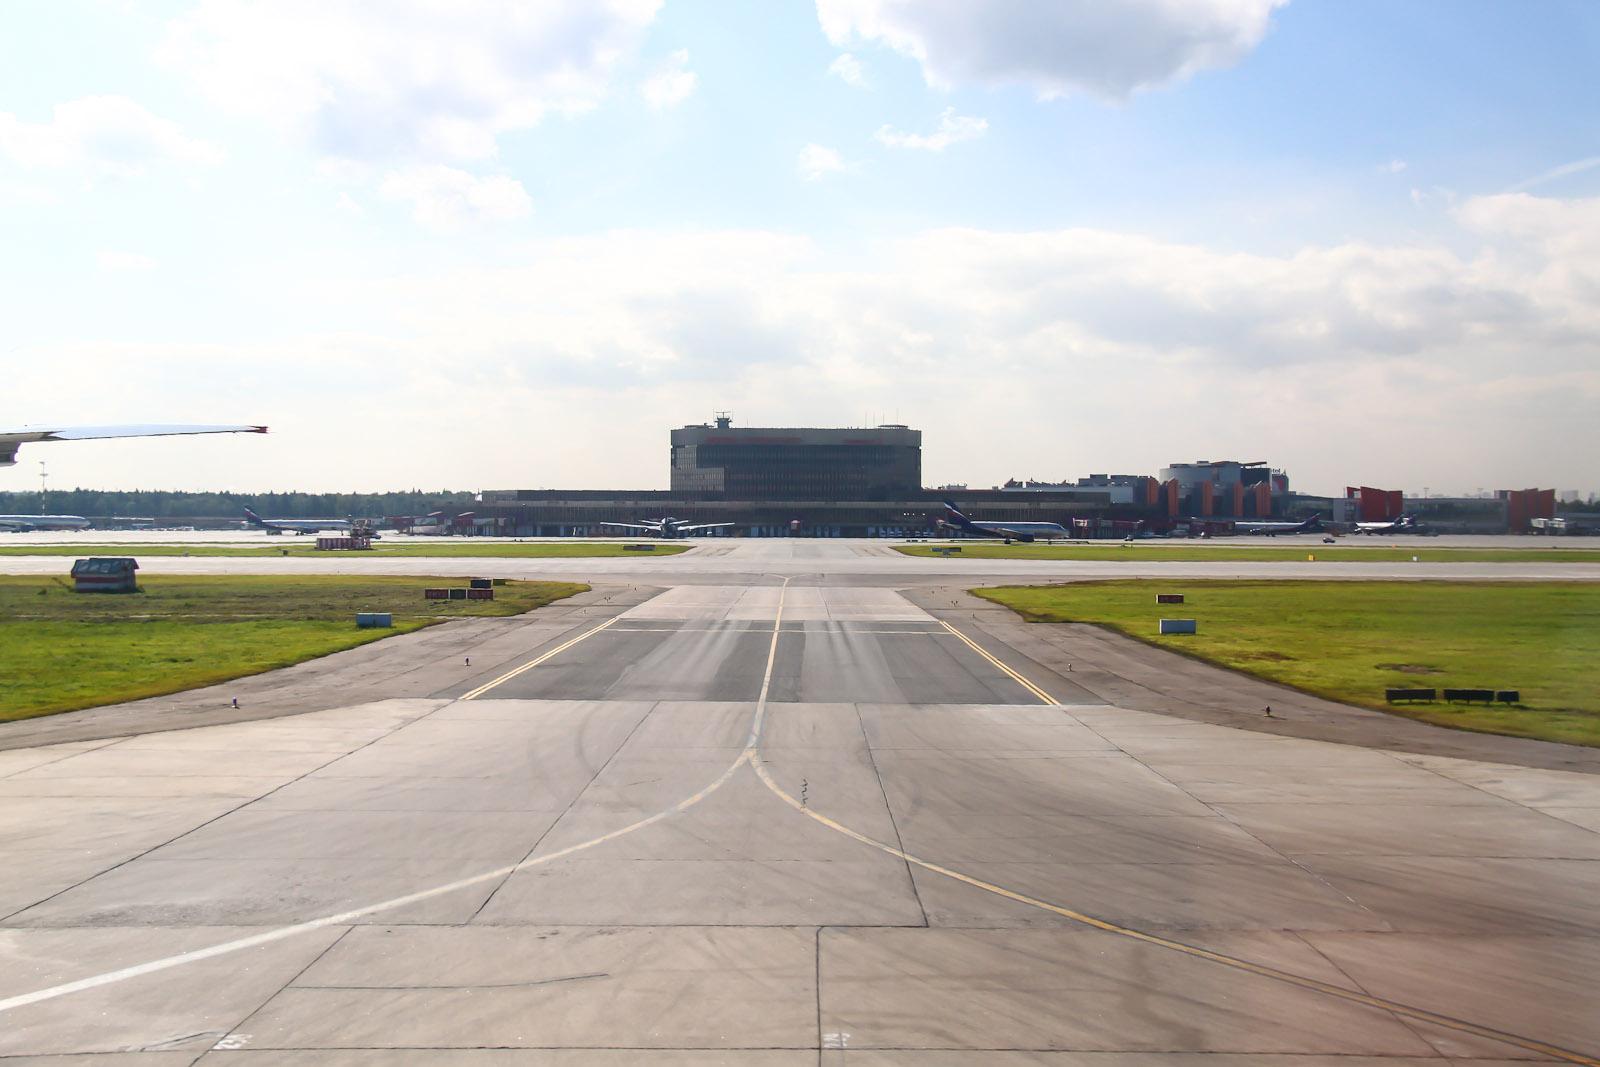 Терминал F аэропорта Шереметьево